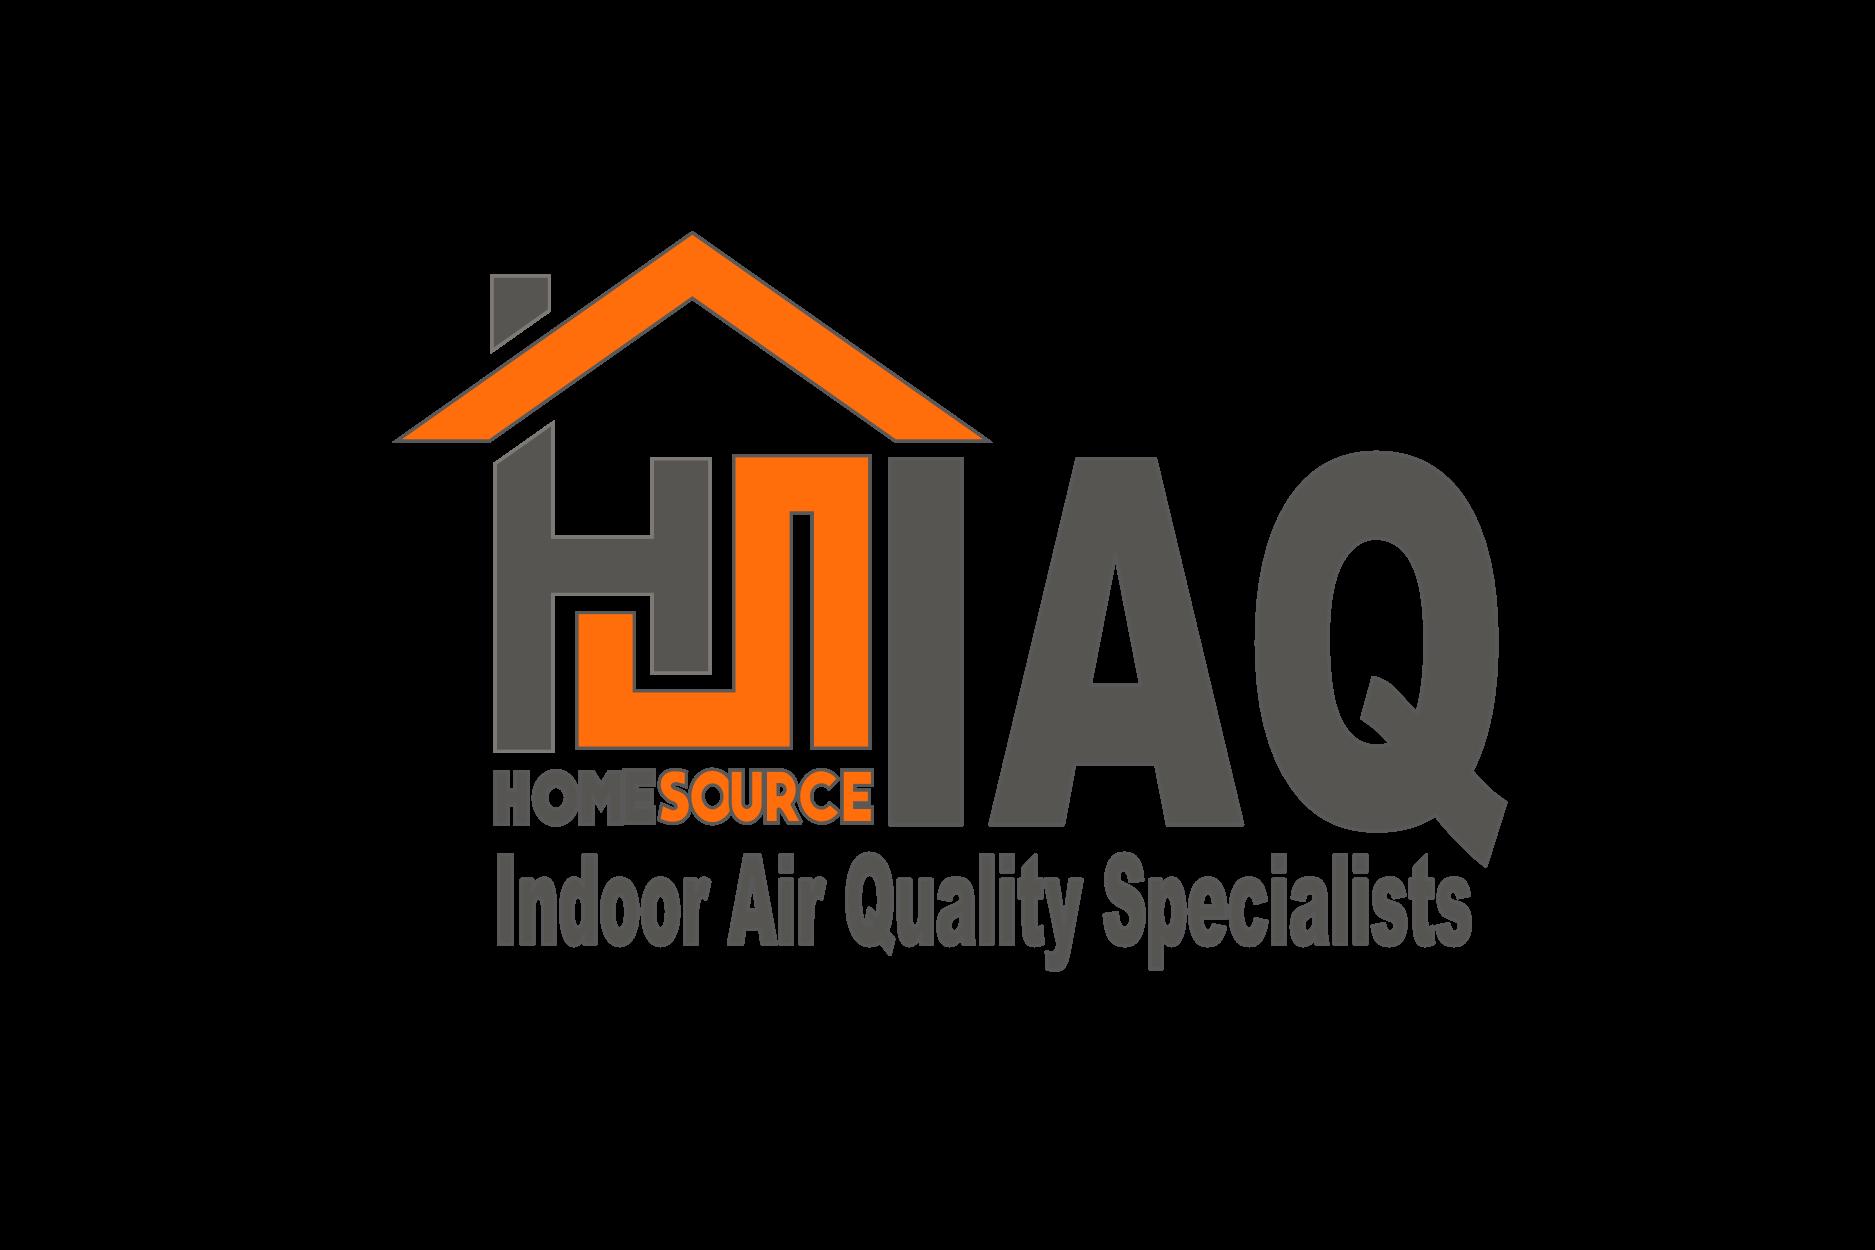 HSIAQ logo